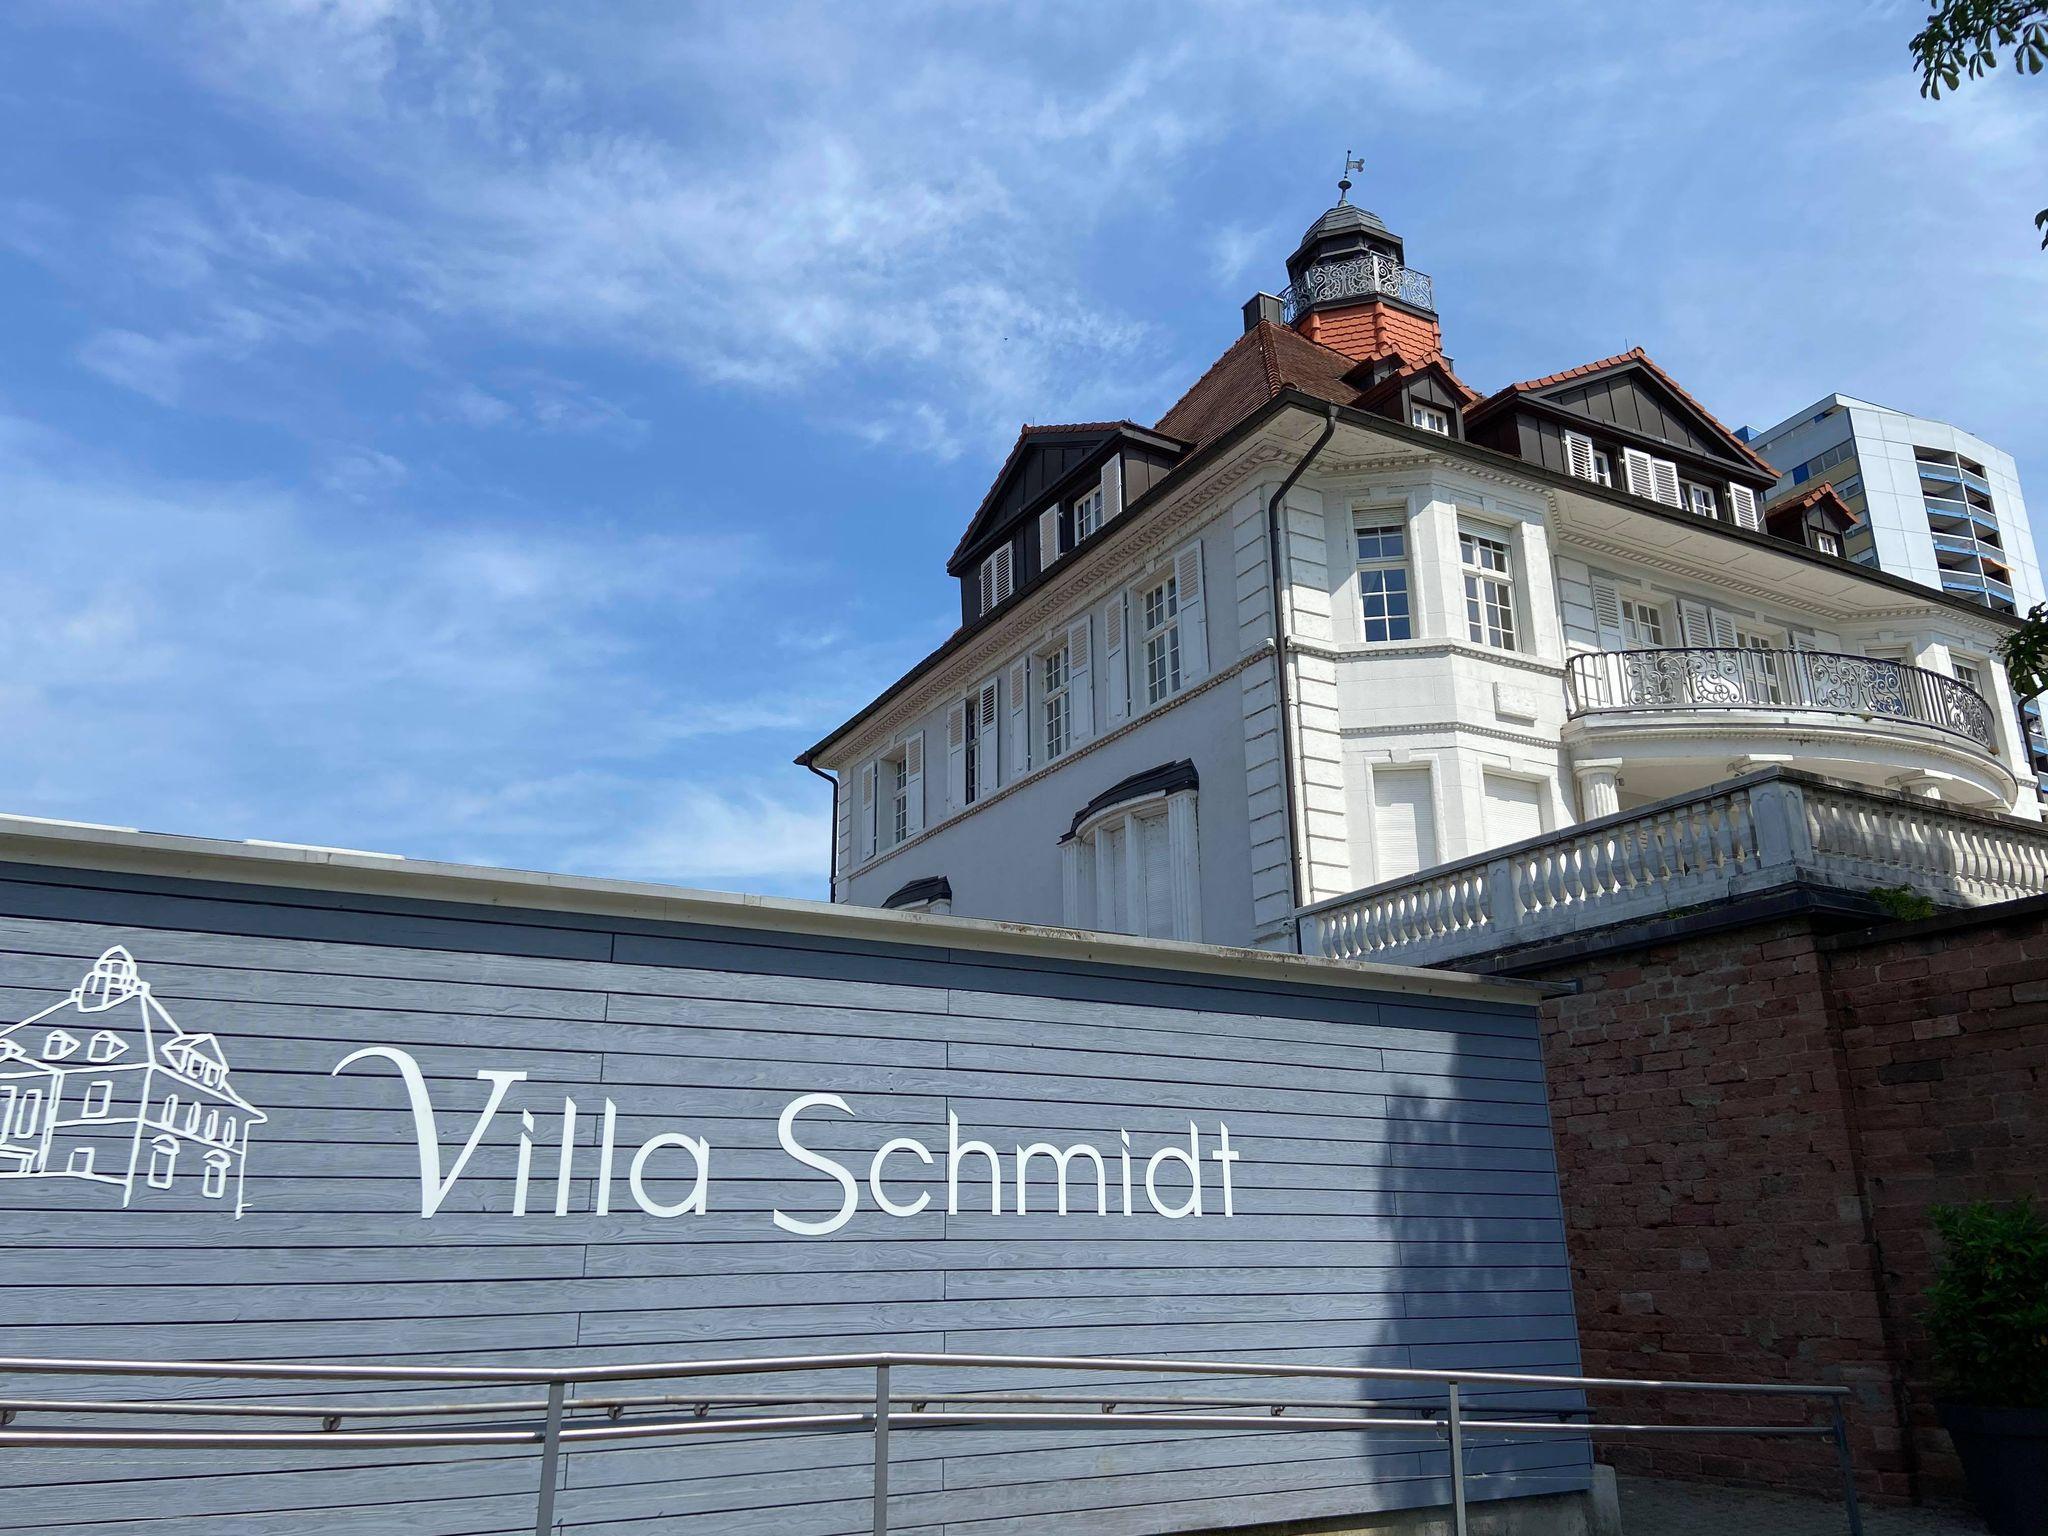 établissement et terrasse la villa schmidt